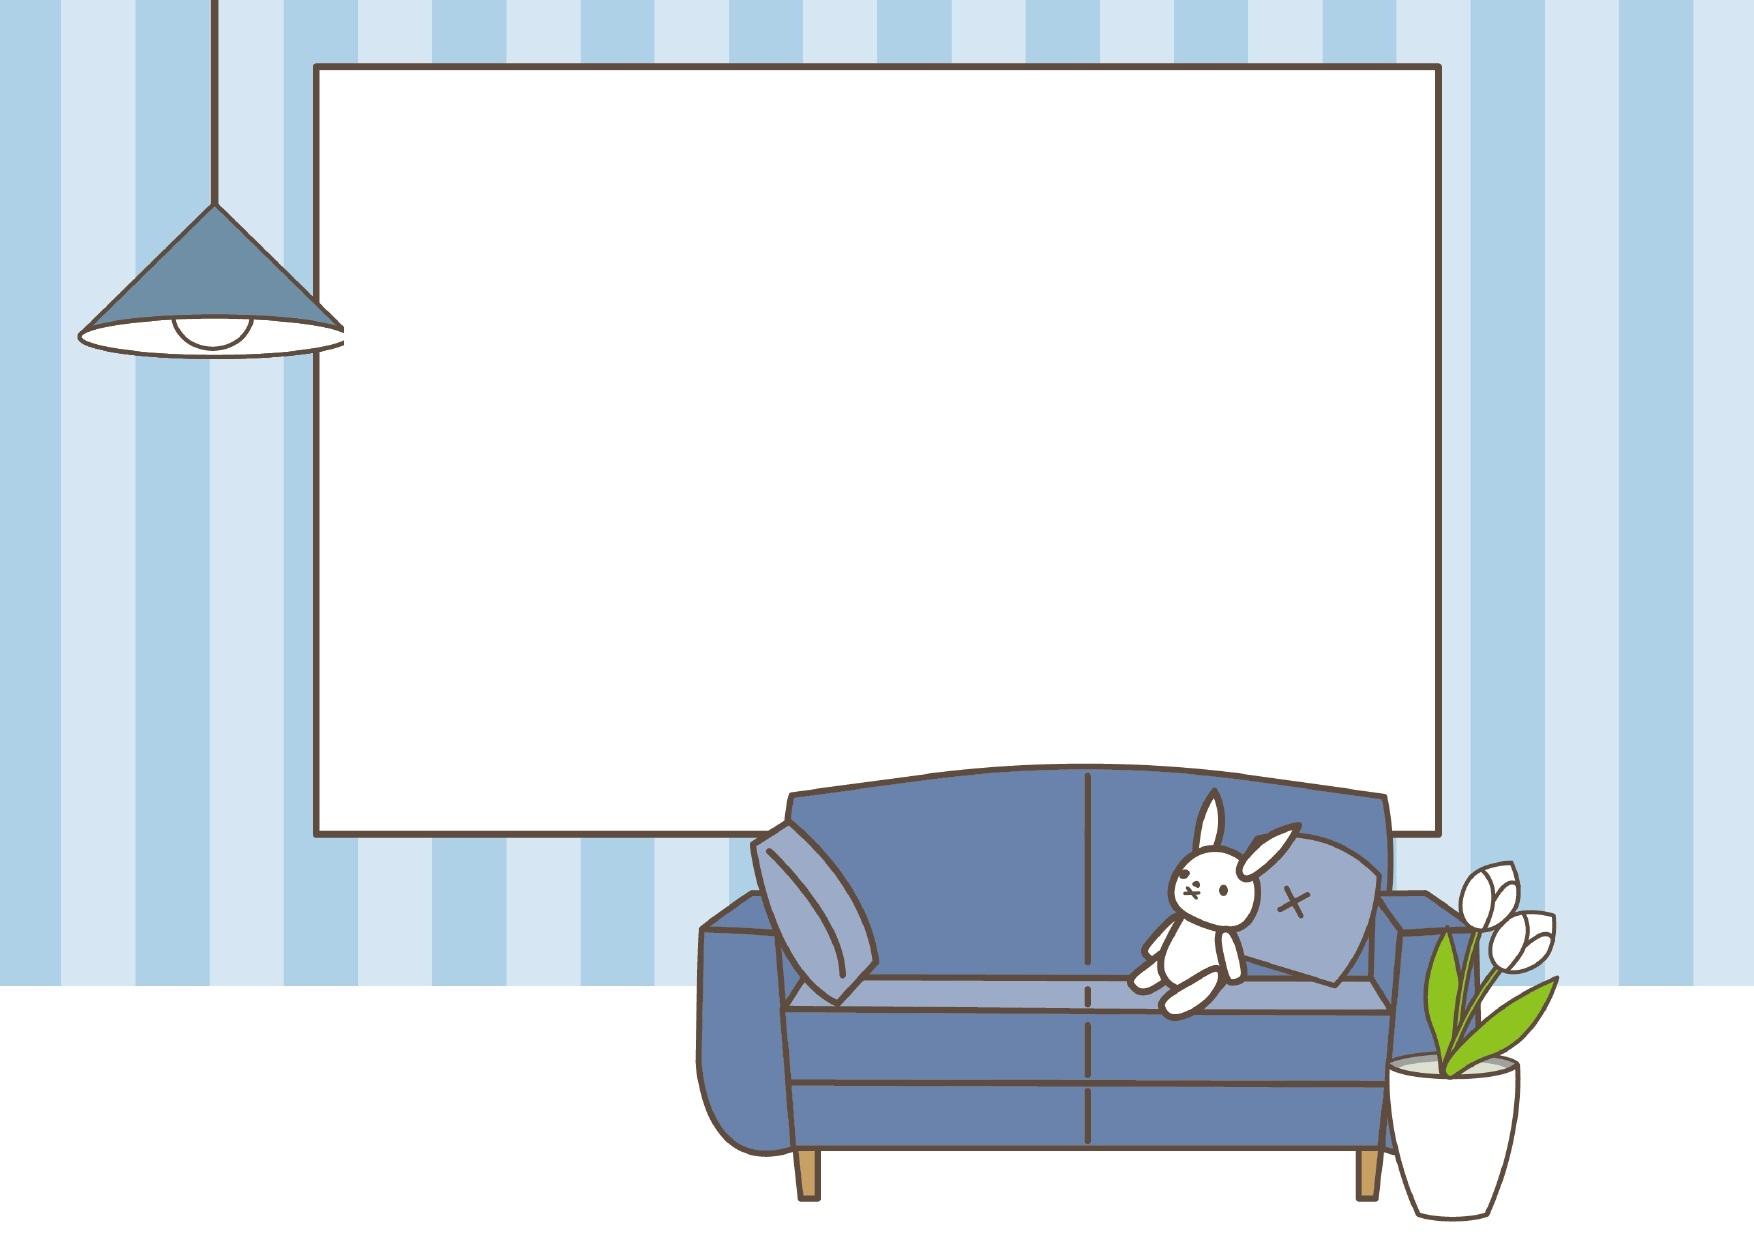 ブルー(青色)のソファーとウサギのフレーム